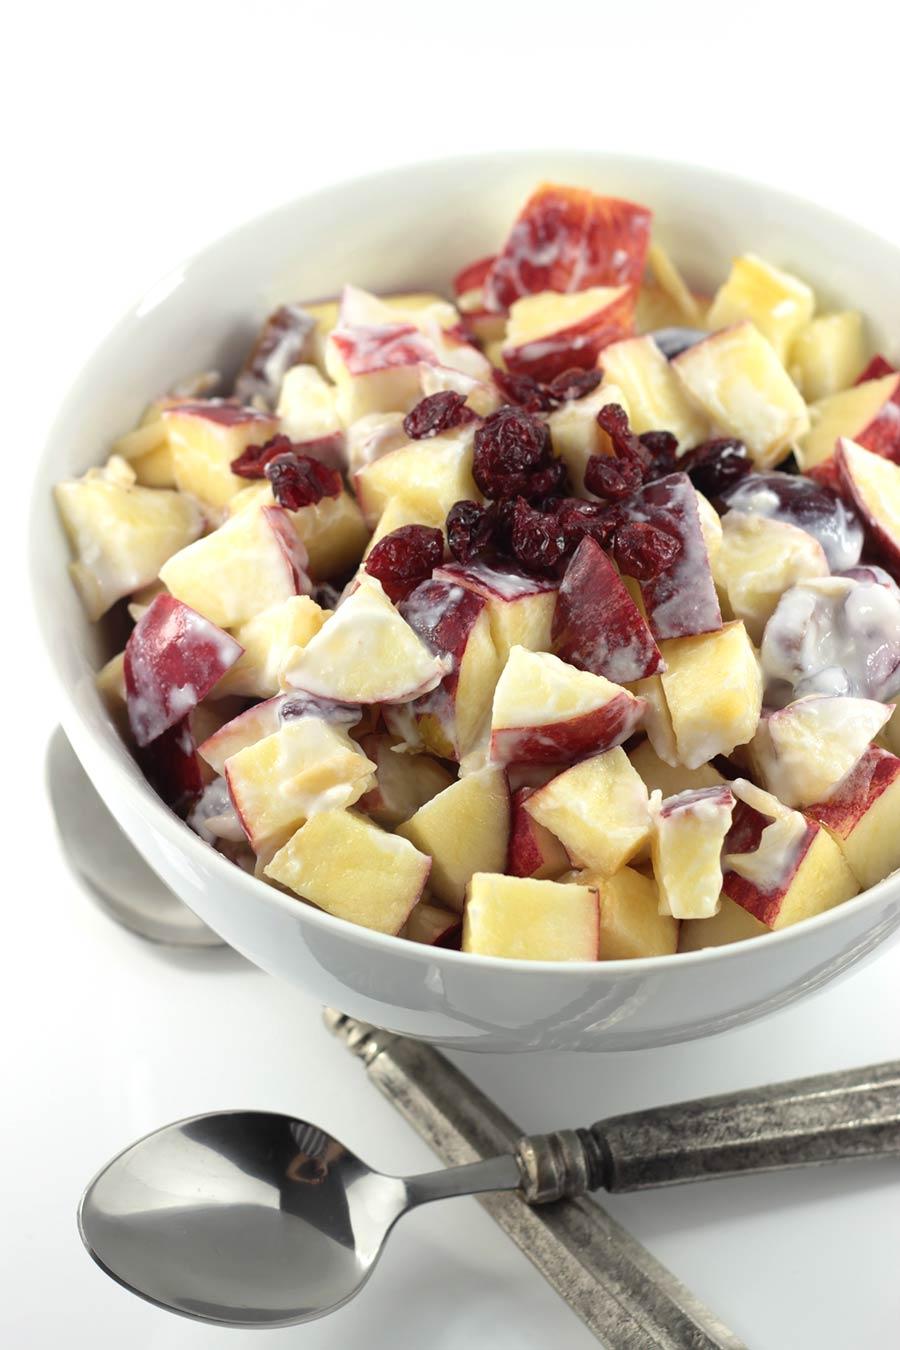 Cran-Apple-Fruit-Salad-Recipe